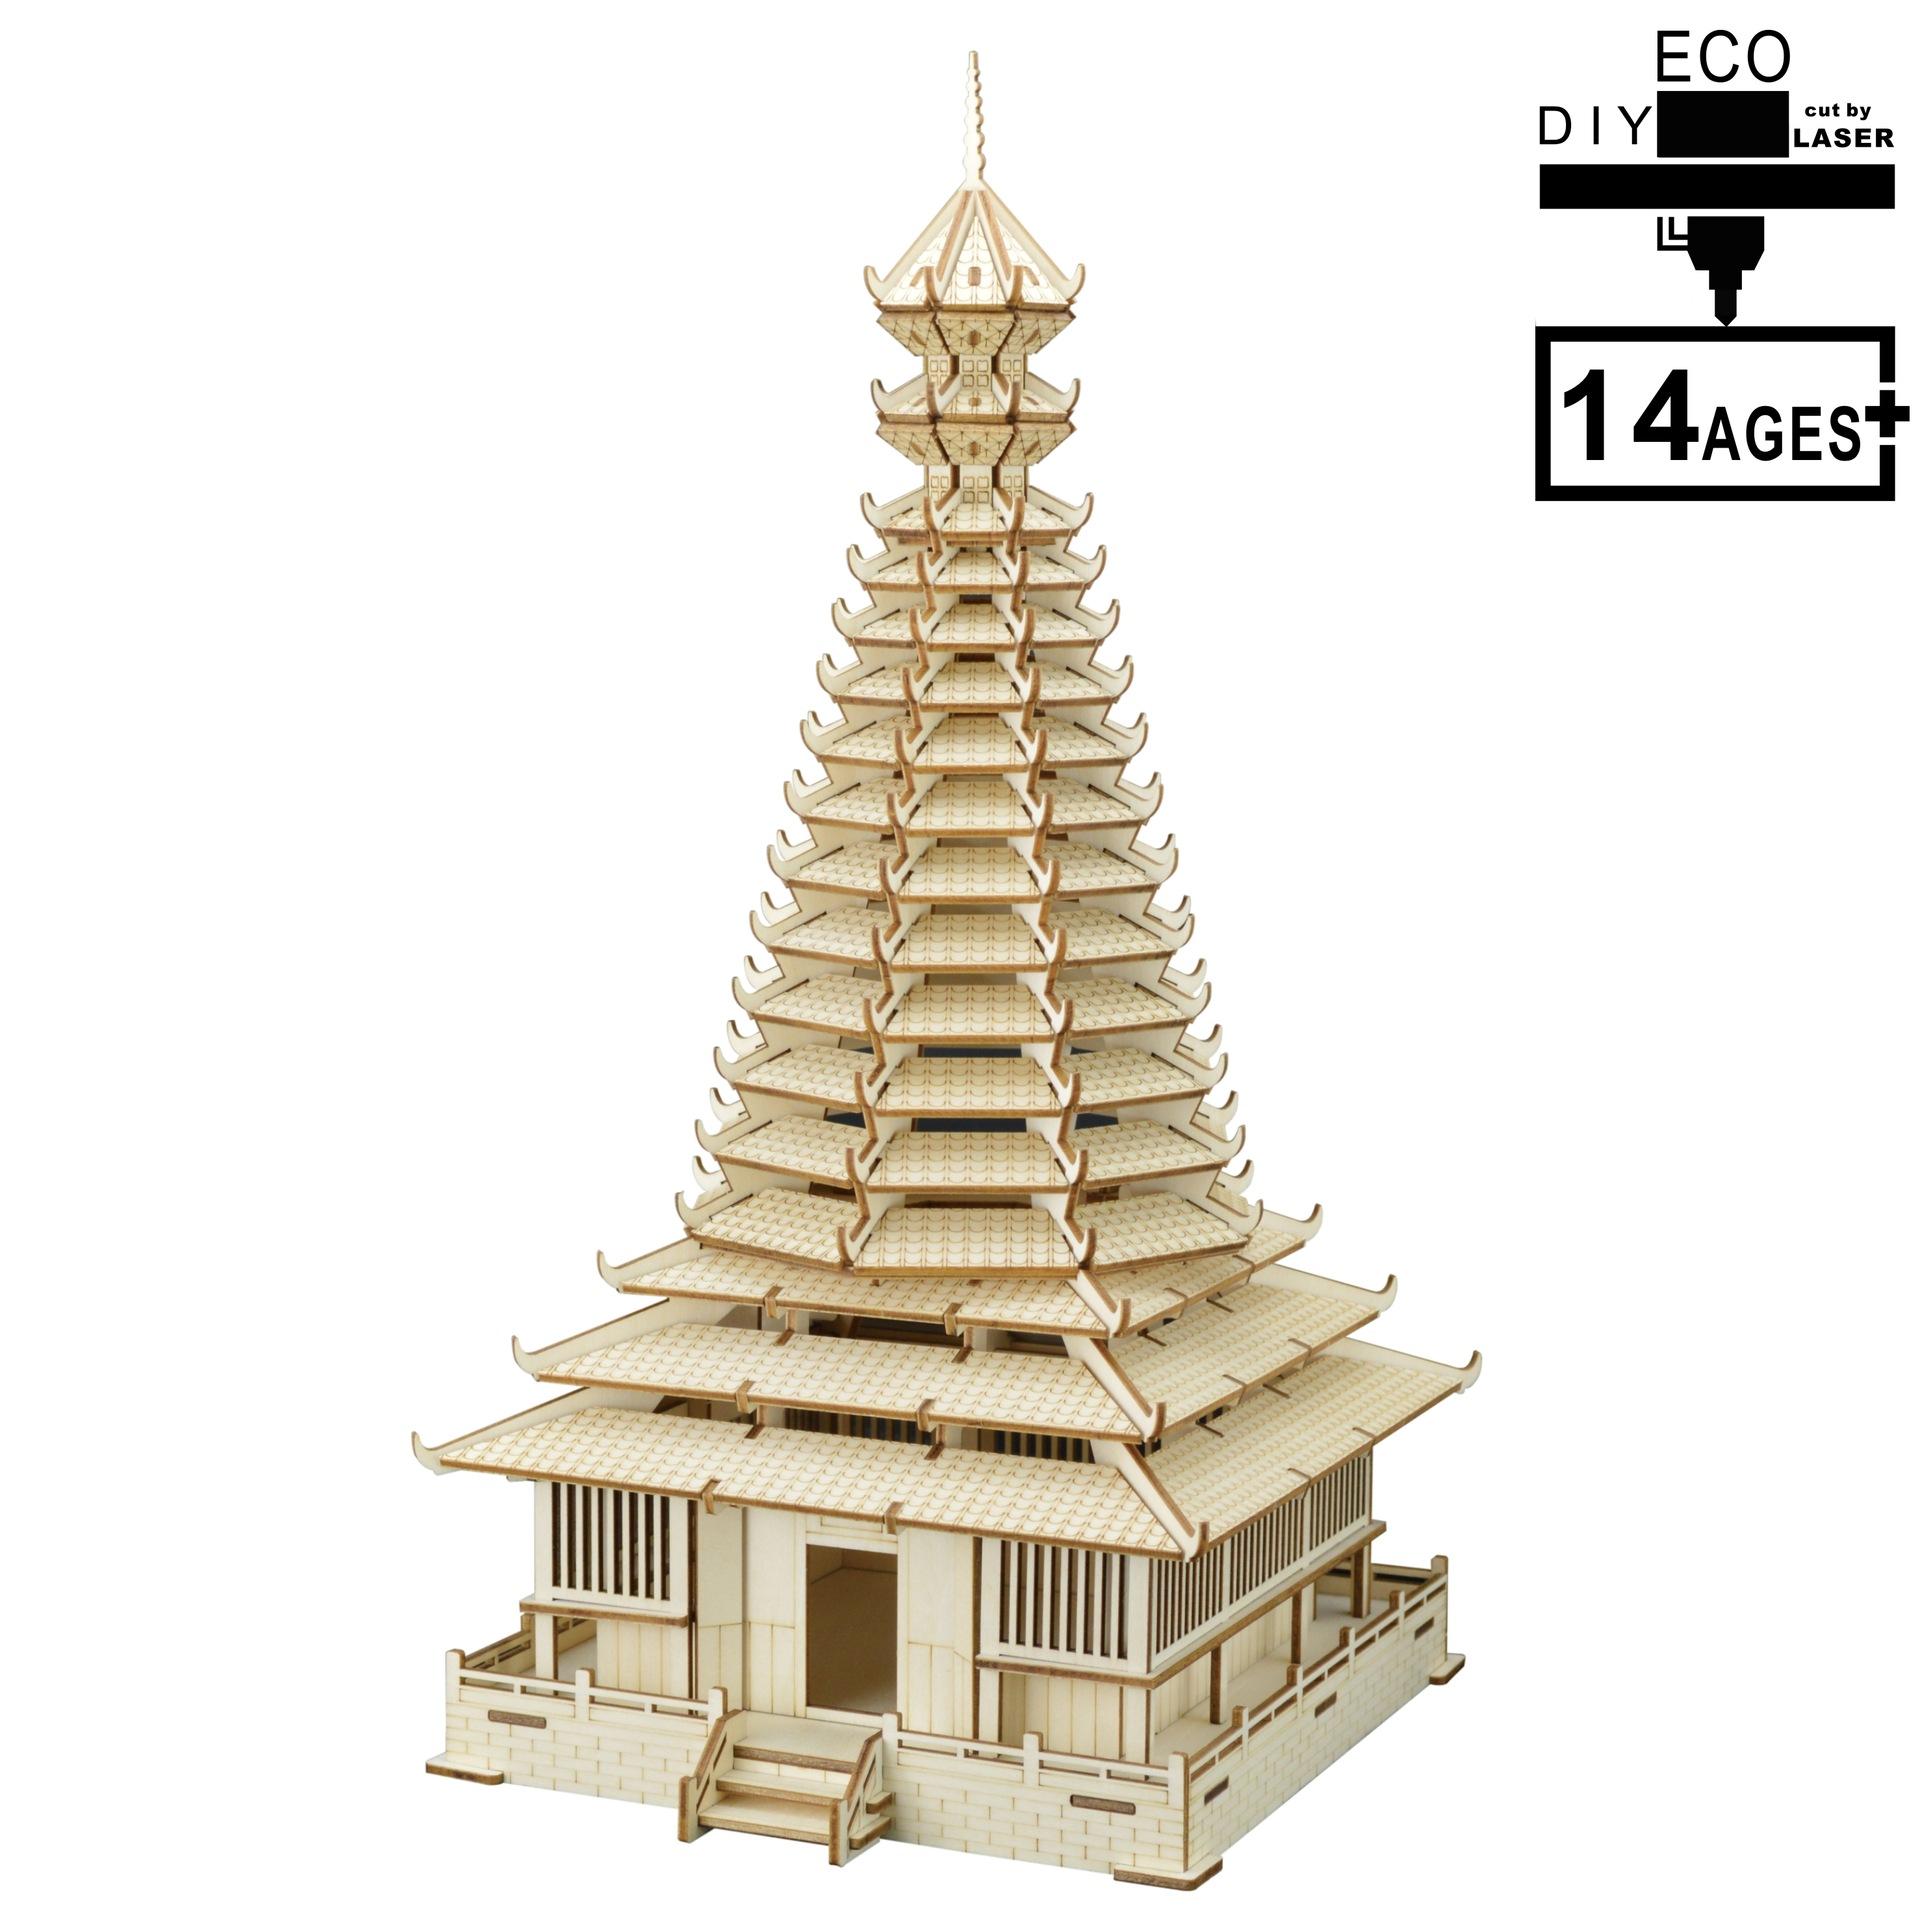 NEW-LAND Tranh xếp hình 3D Nhà máy cung cấp đặc biệt xuyên biên giới trực tiếp 3D bằng gỗ DIY ghép h